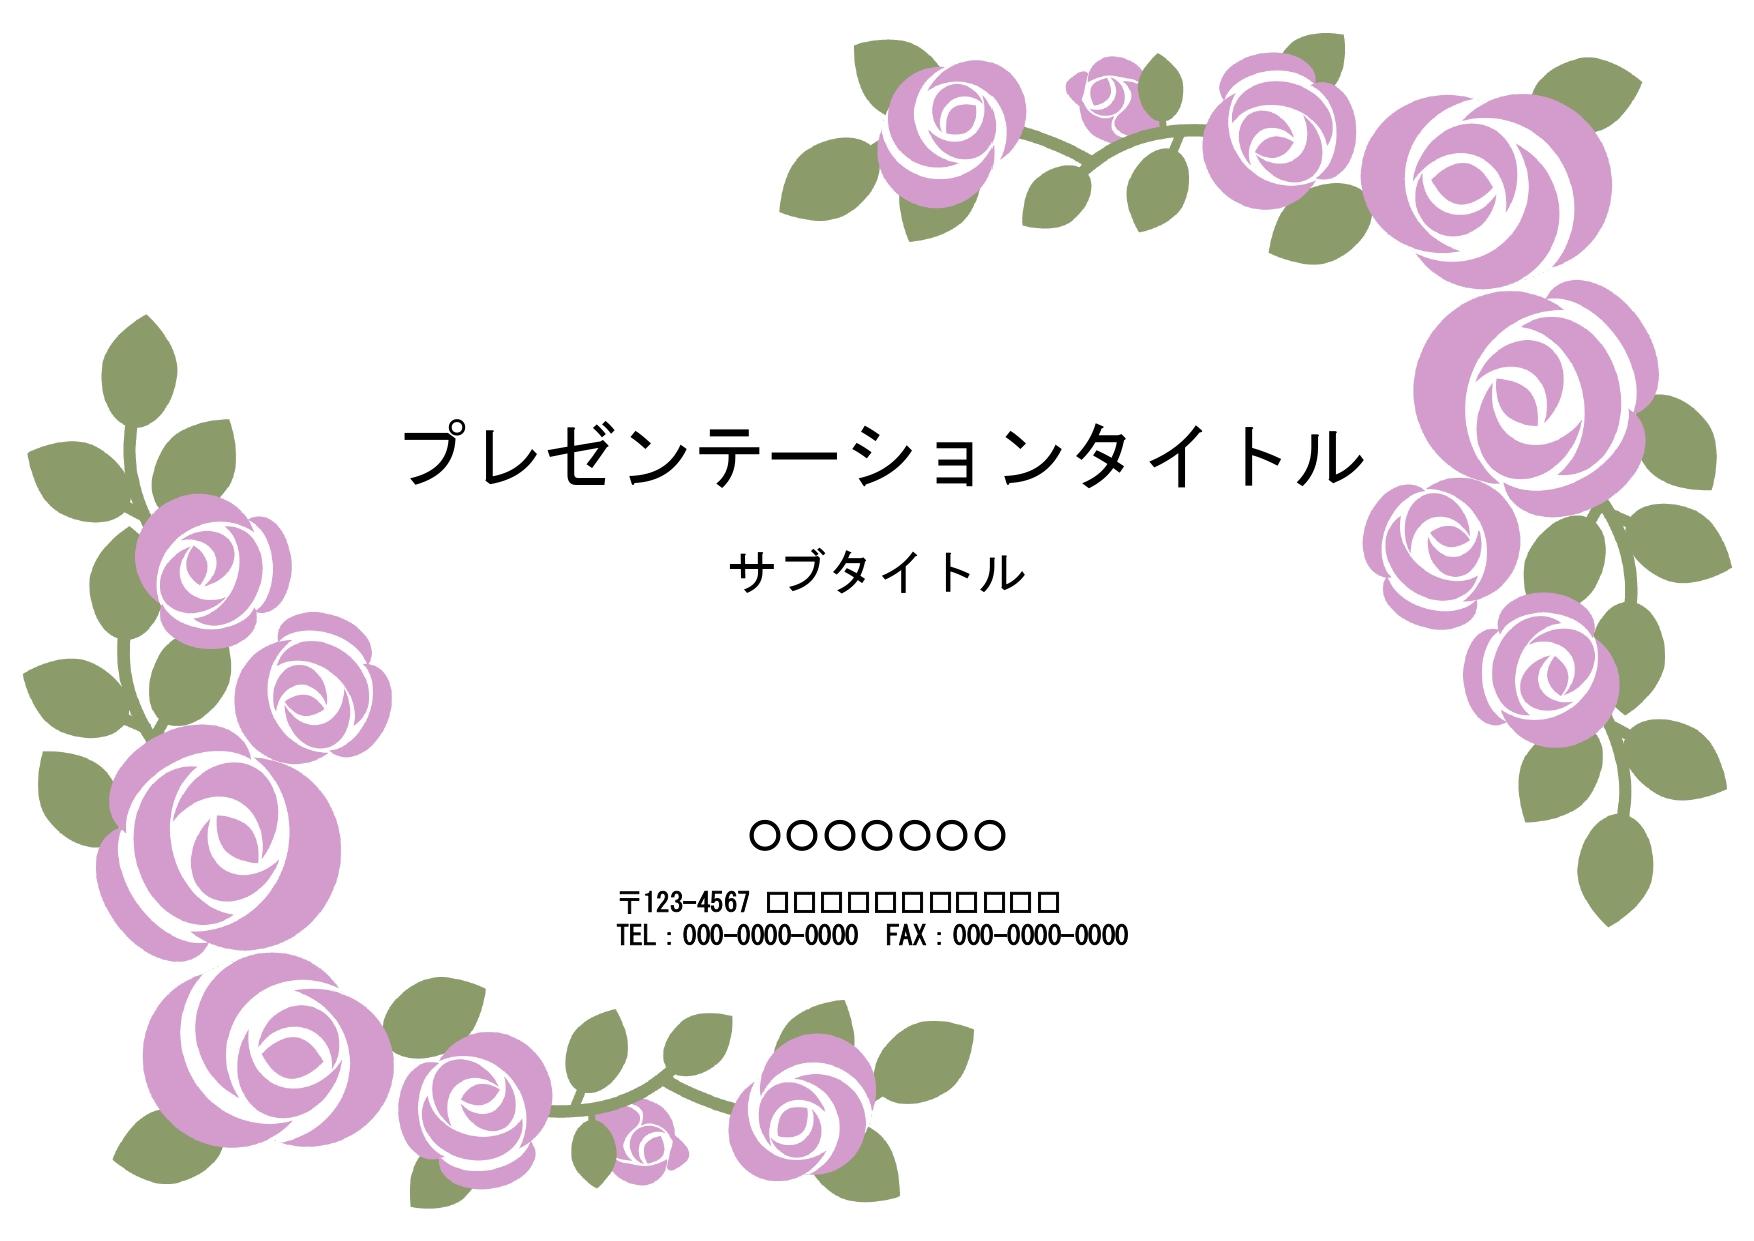 薔薇の花の背景「パープル」パワーポイントの無料テンプレート素材